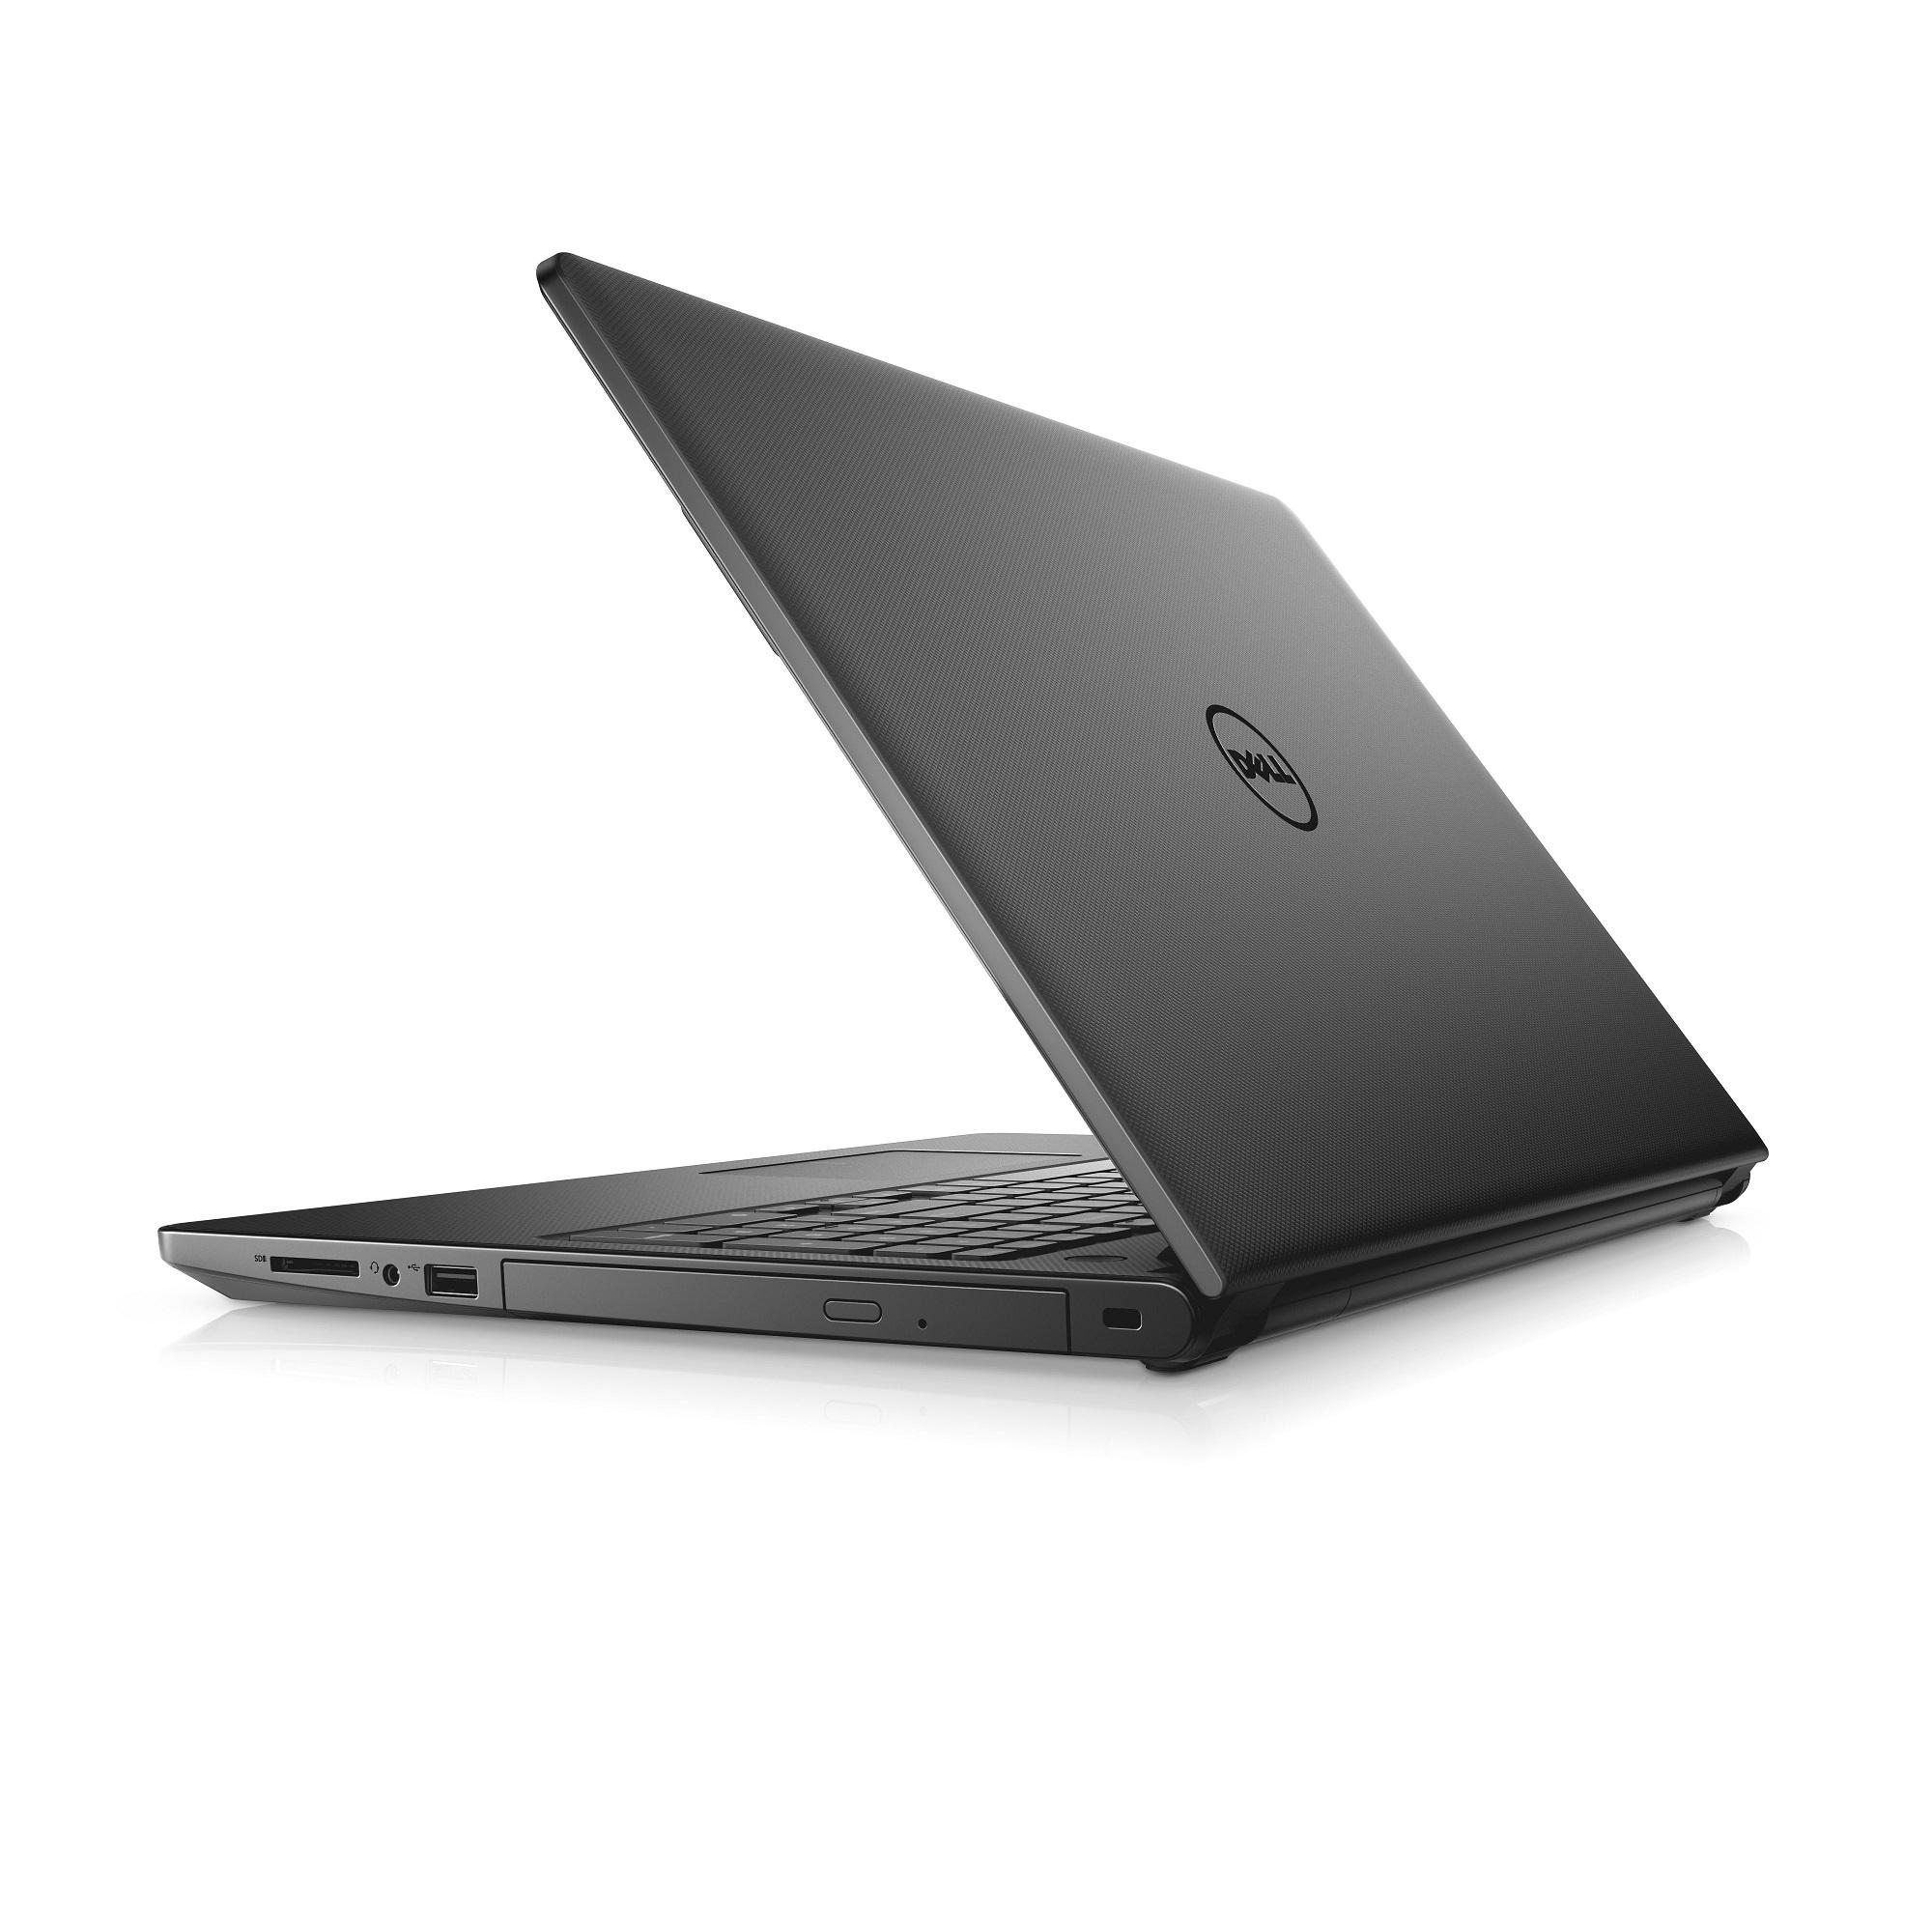 Dell Inspiron 3576 15 FHD i5-8250U/8GB/256GB SSD/520-2GB/MCR/HDMI/DVD/W10/2RNBD/Černý